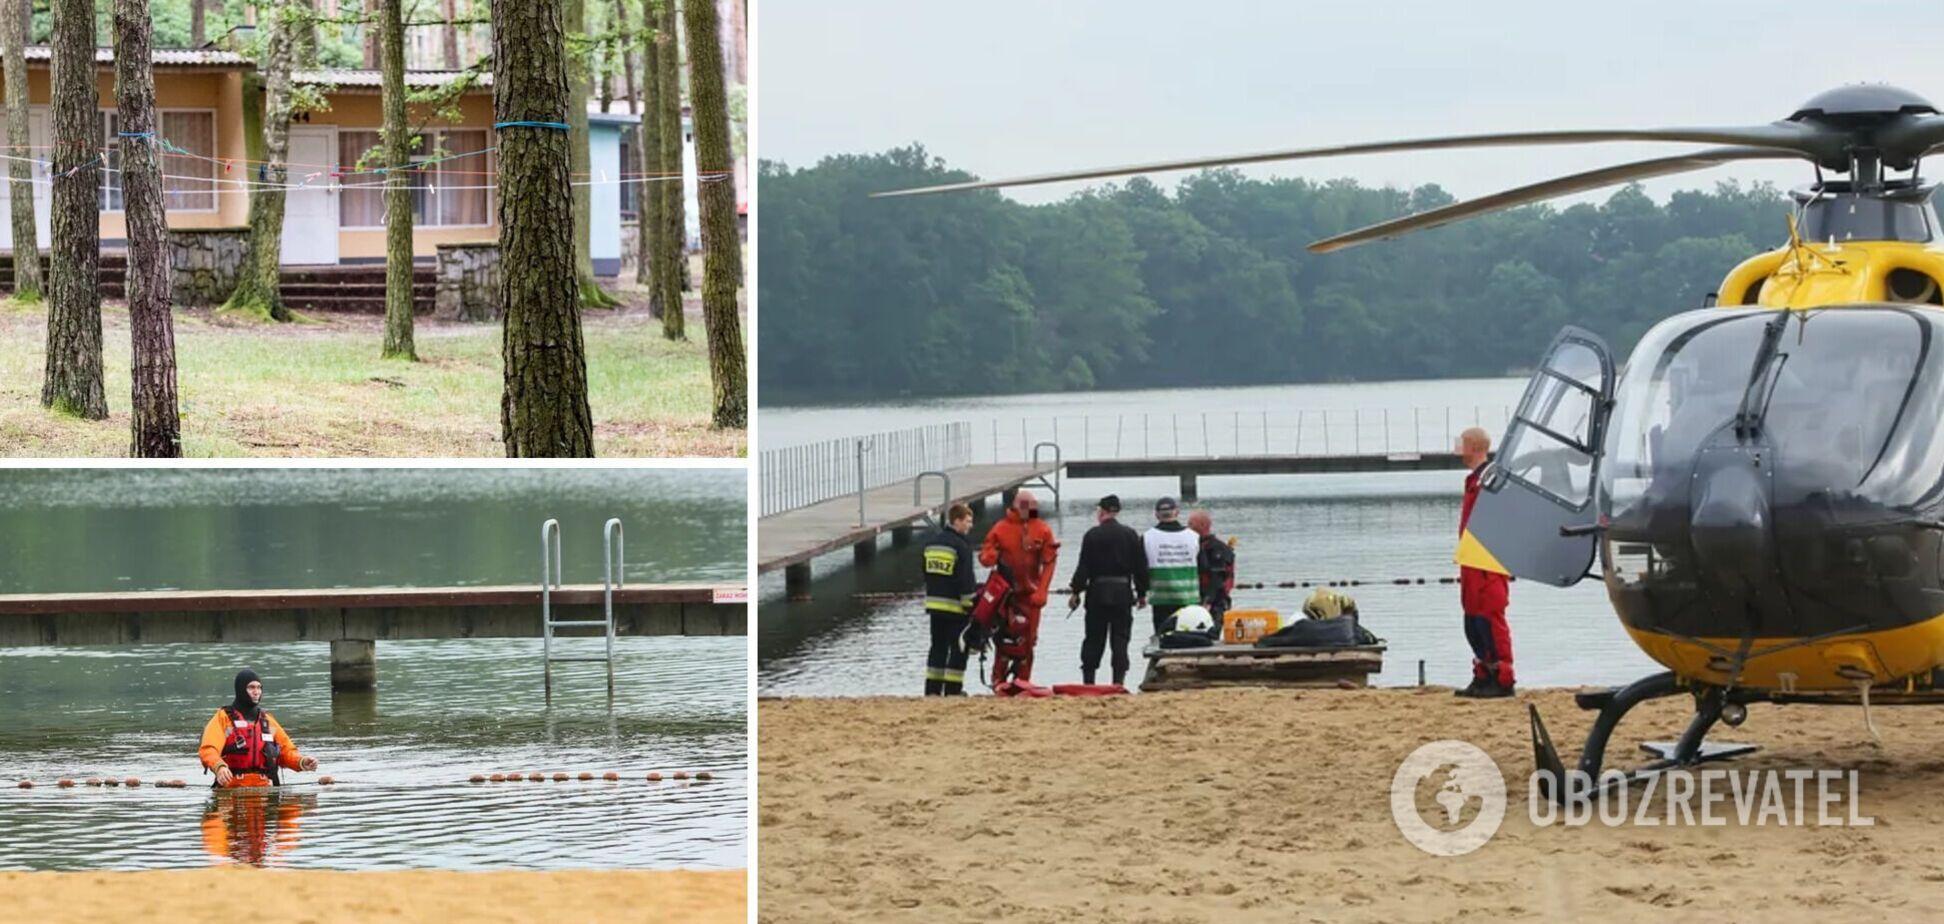 В Польше 2-летний украинец утонул в озере, пока его родители спали после шумной вечеринки